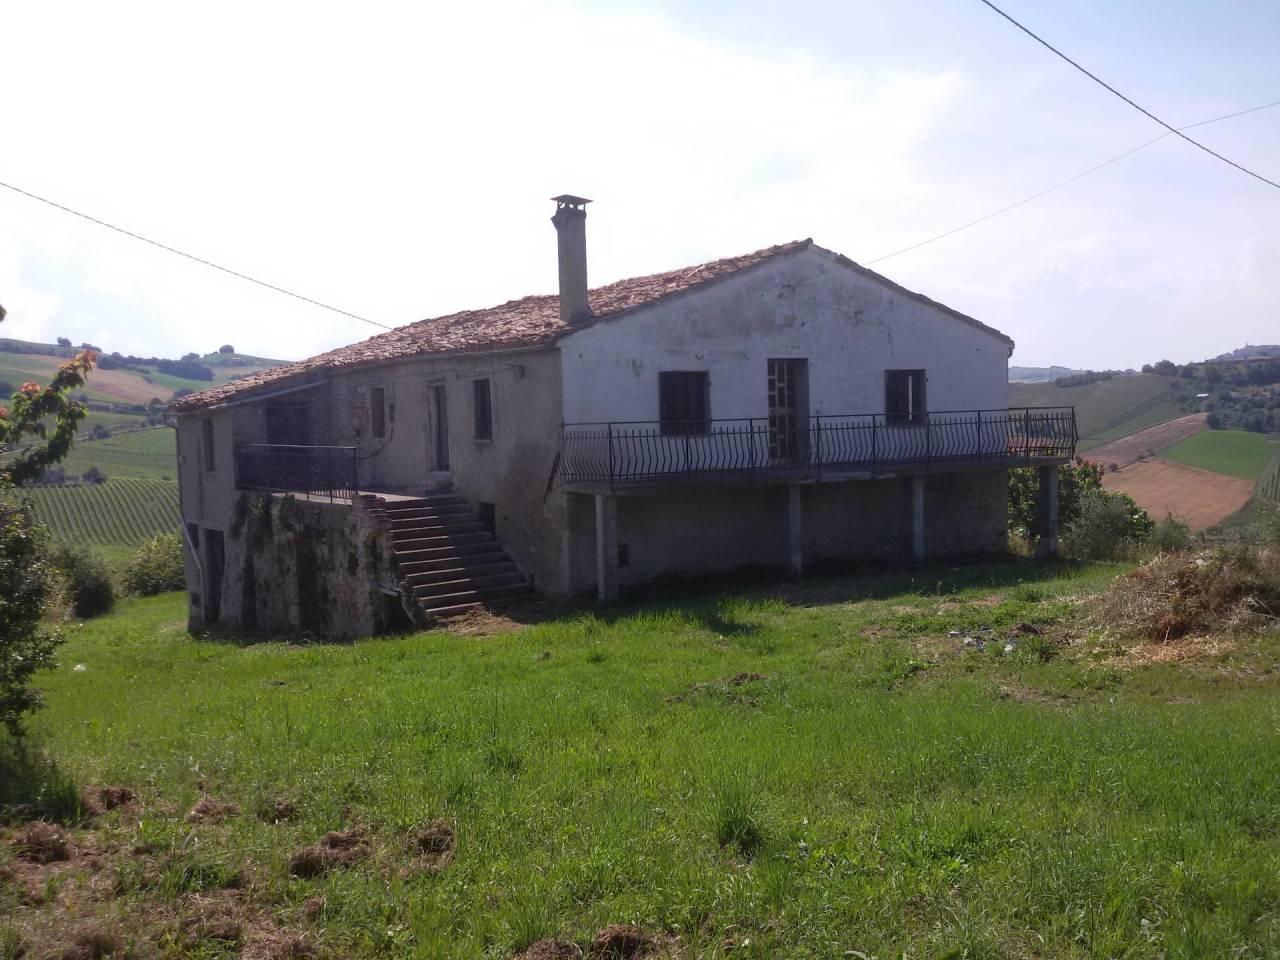 Rustico / Casale in vendita a Ripatransone, 10 locali, prezzo € 95.000 | CambioCasa.it